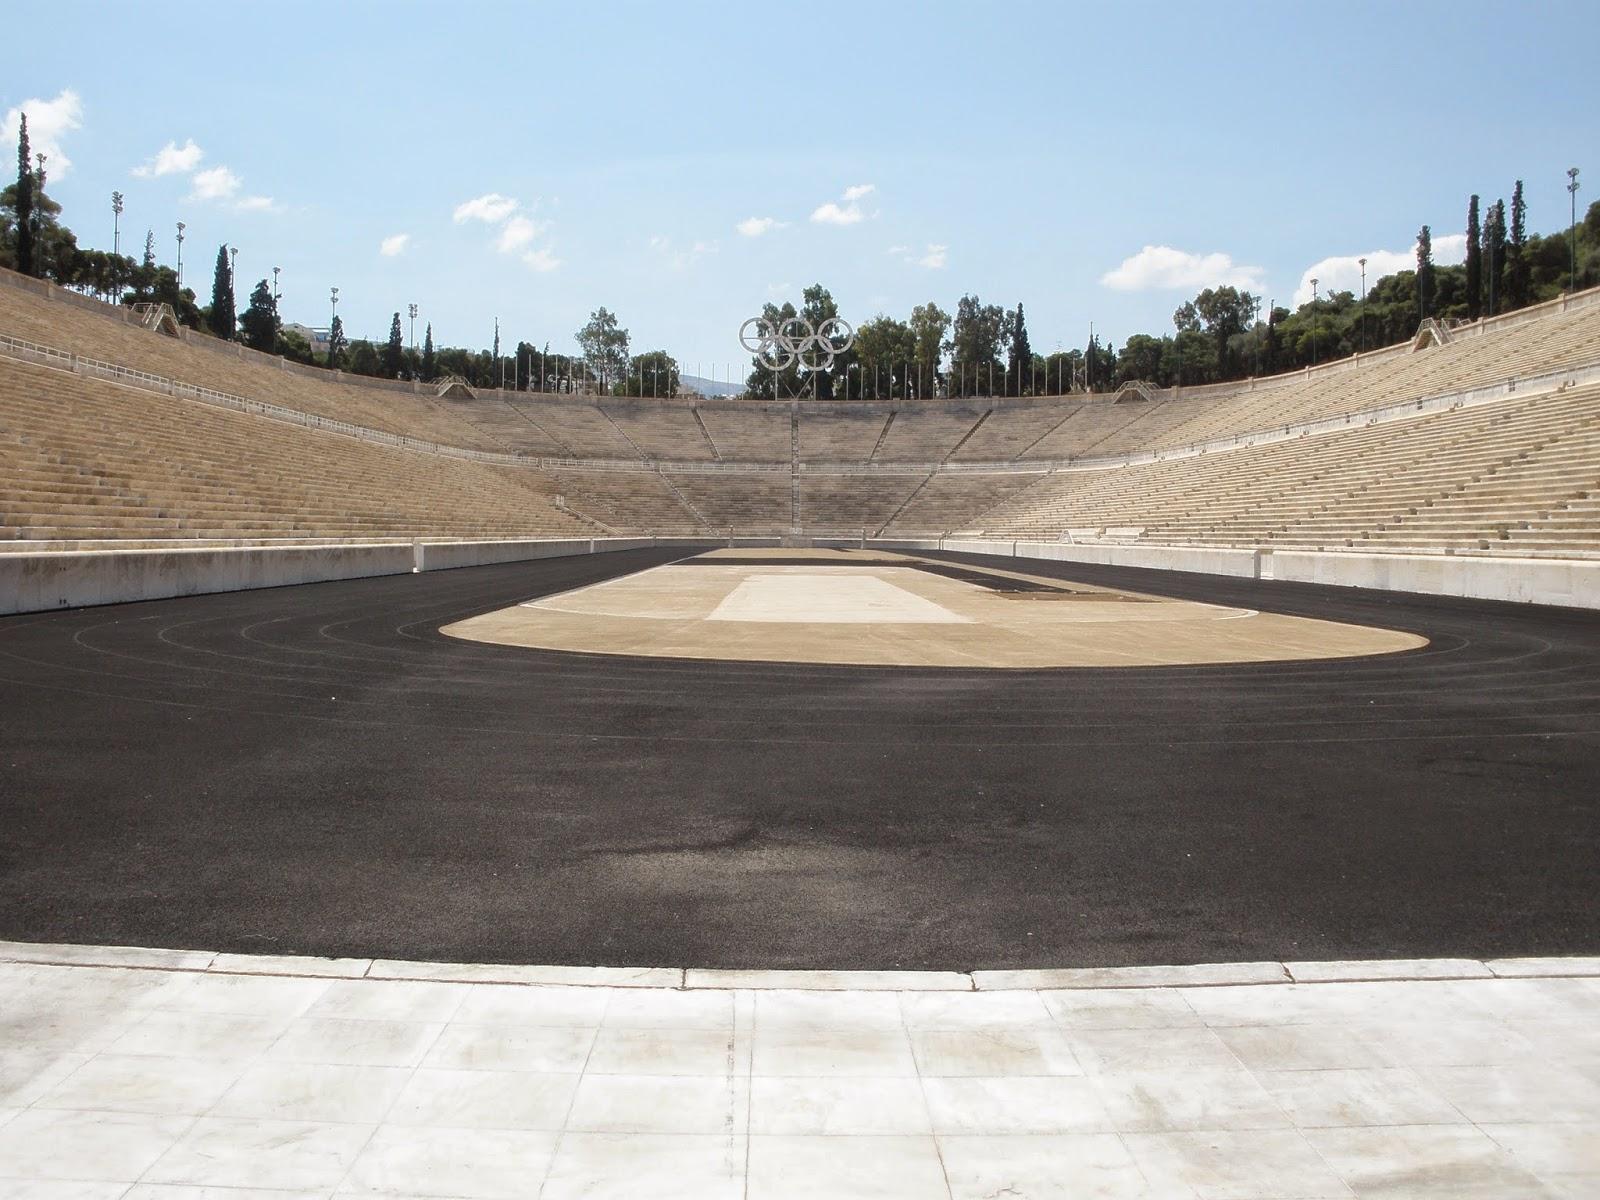 Estadio Panathinaikó, Atenas, el cuál acogió la Primera Edición de los Juegos Olímpicos en 1896.